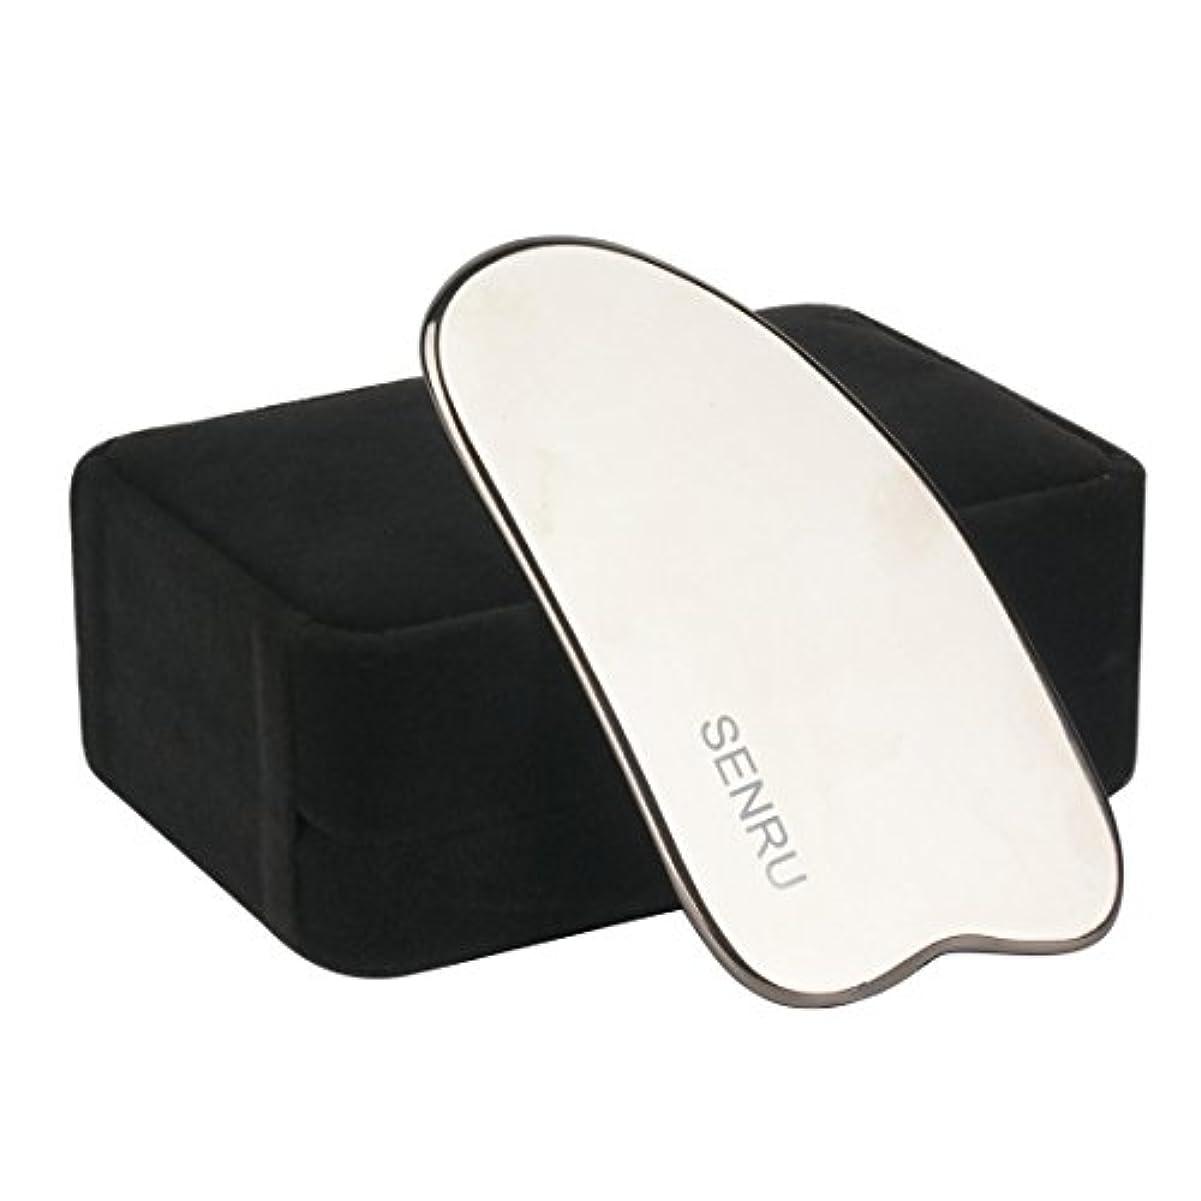 ドア護衛機密SENRU チタン カッサプレート かっさマッサージ 刮痧 リンパ解毒 全身血行促進 疲れやストレス緩和 専用ケース袋付き